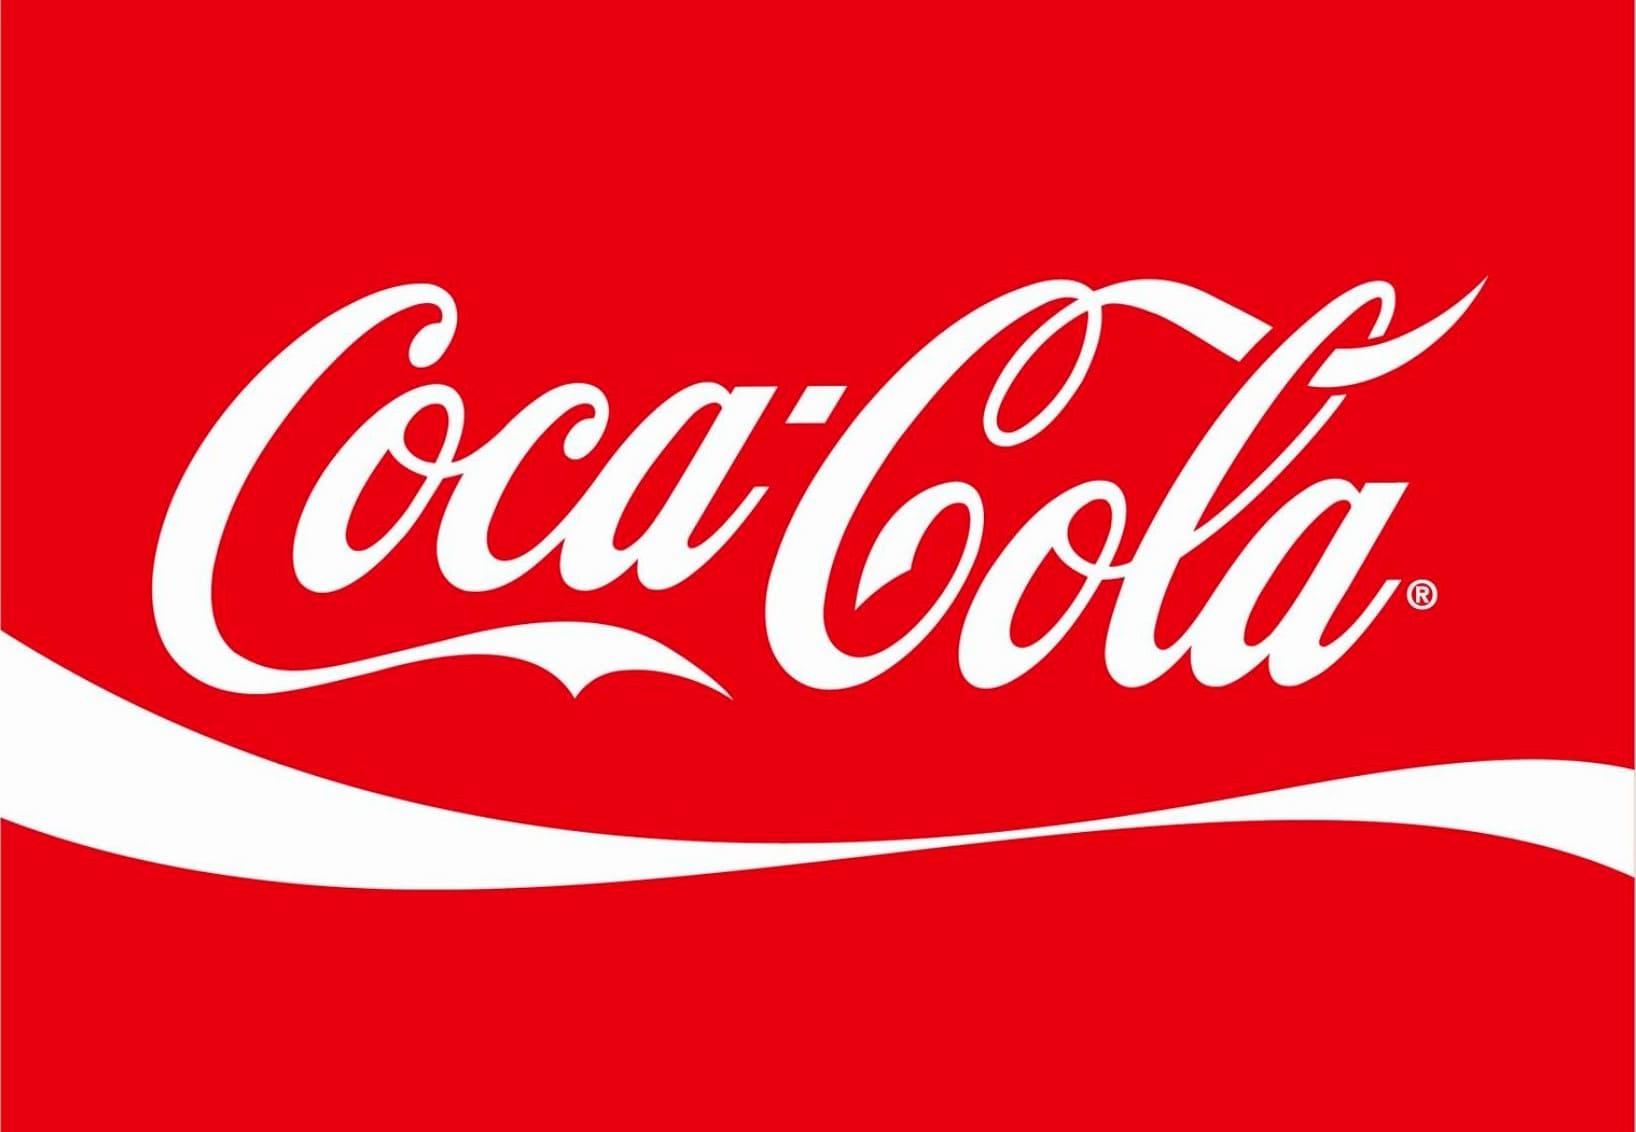 Logotipo rojo de Coca-Cola